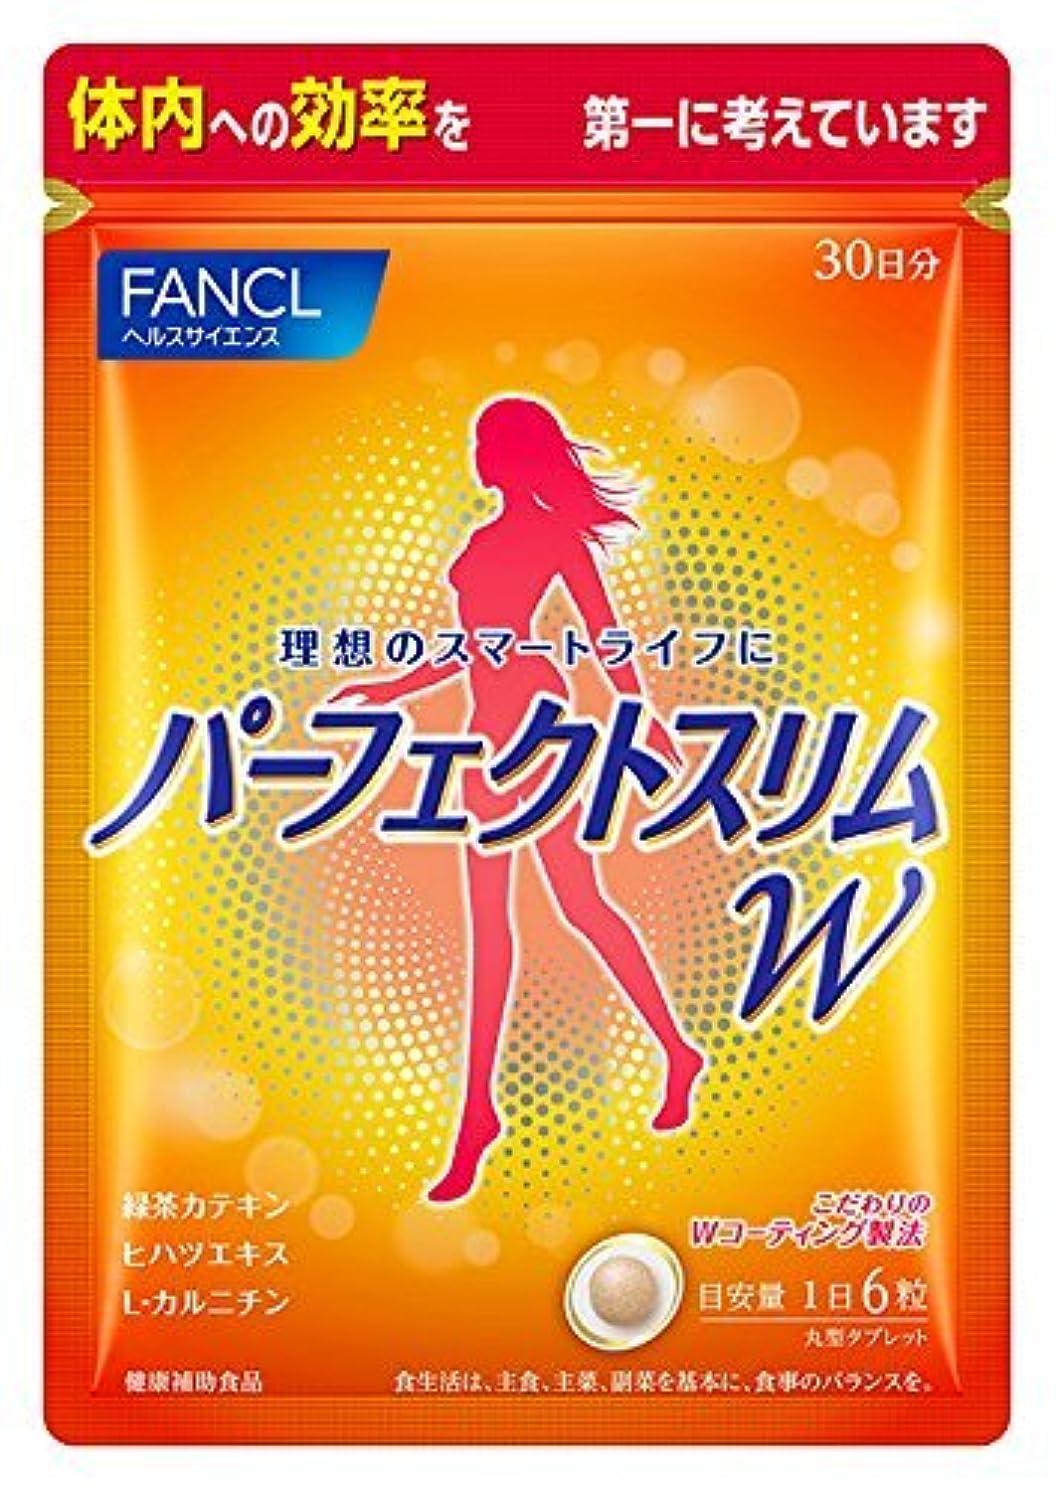 司法ガイド海洋の【2袋セット】ファンケル(FANCL) パーフェクトスリム W 約30日分 180粒 ×2袋